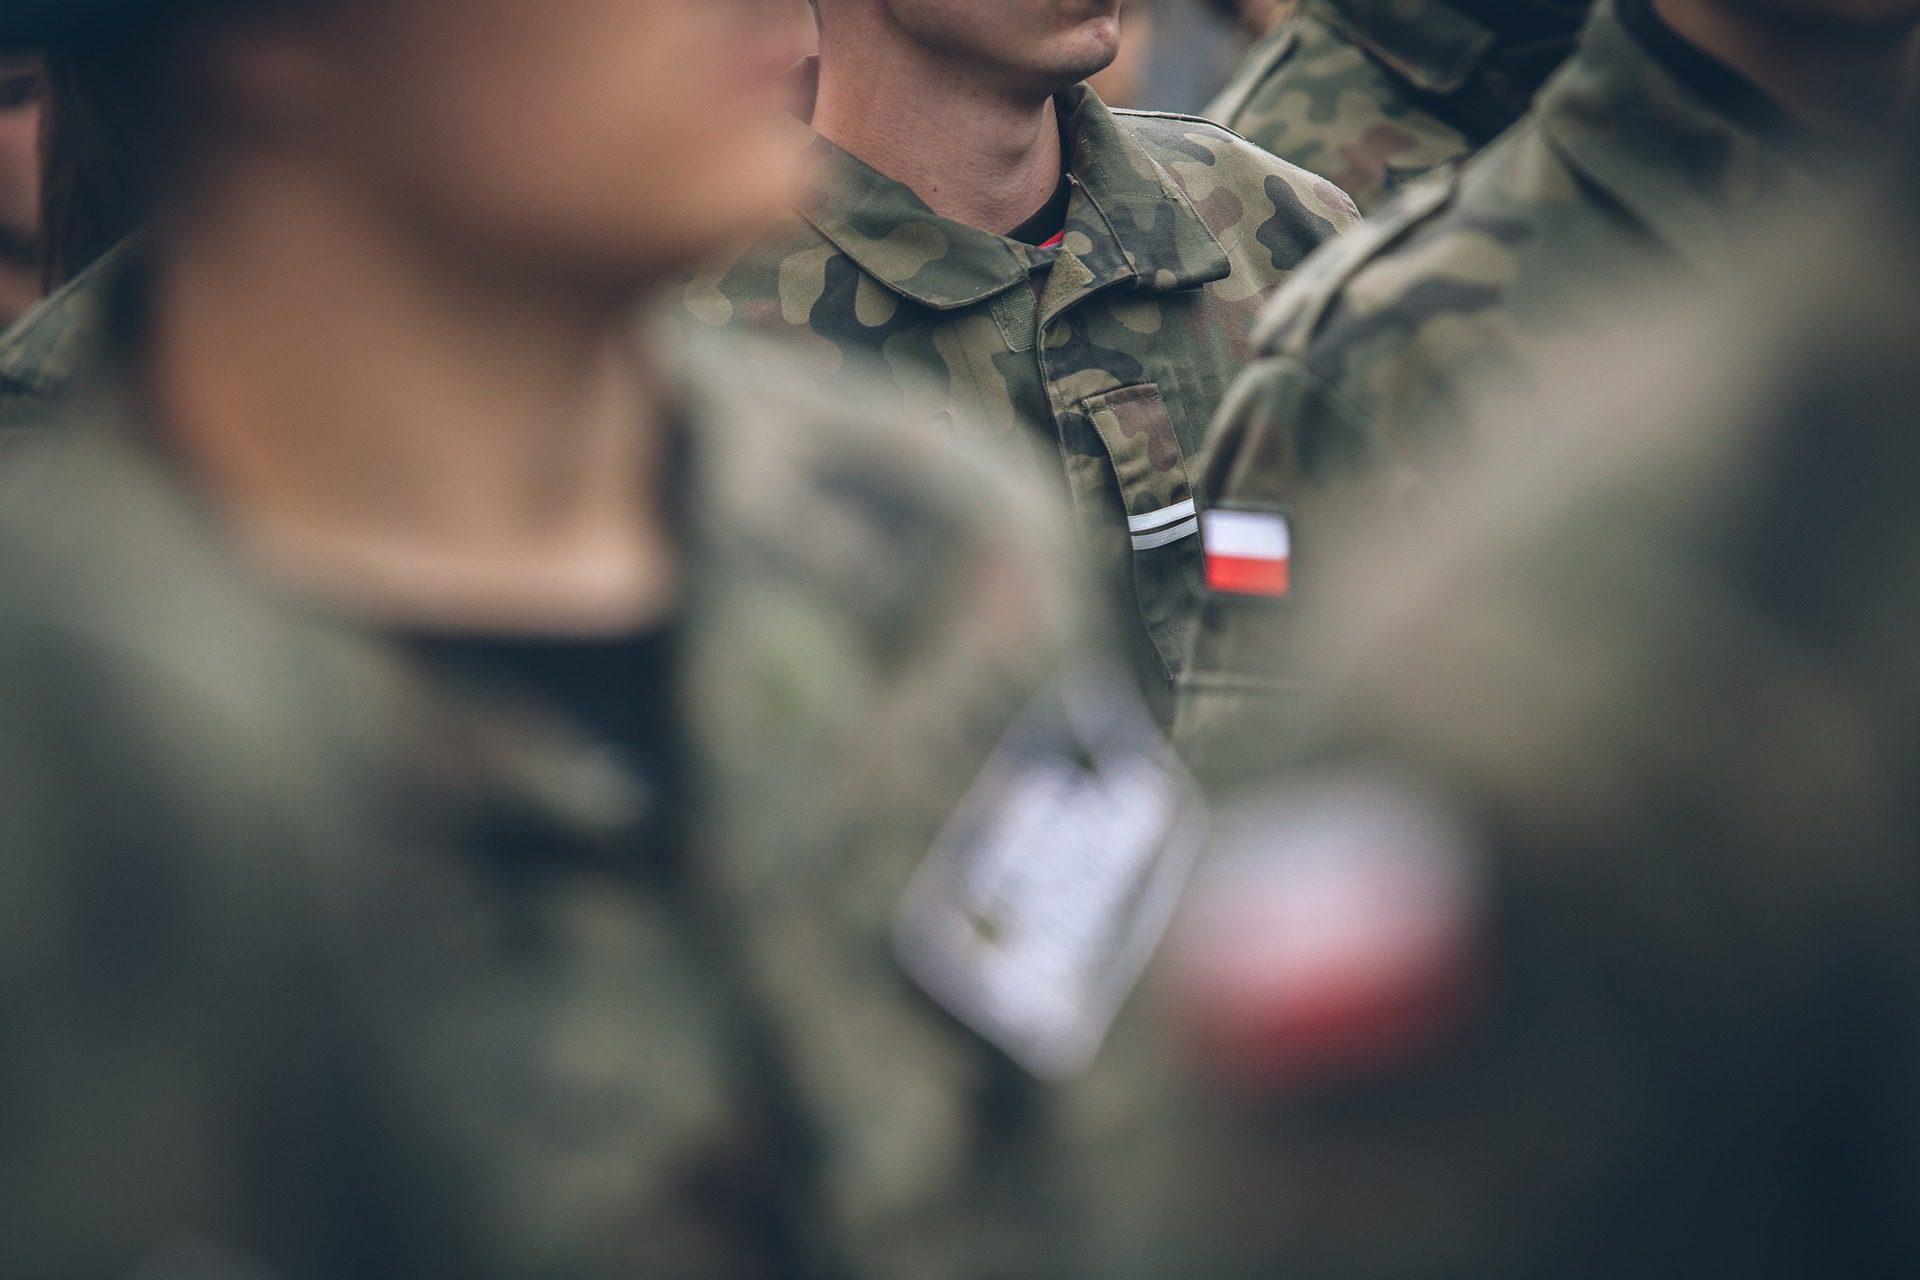 stanné právo a mobilizácia armády